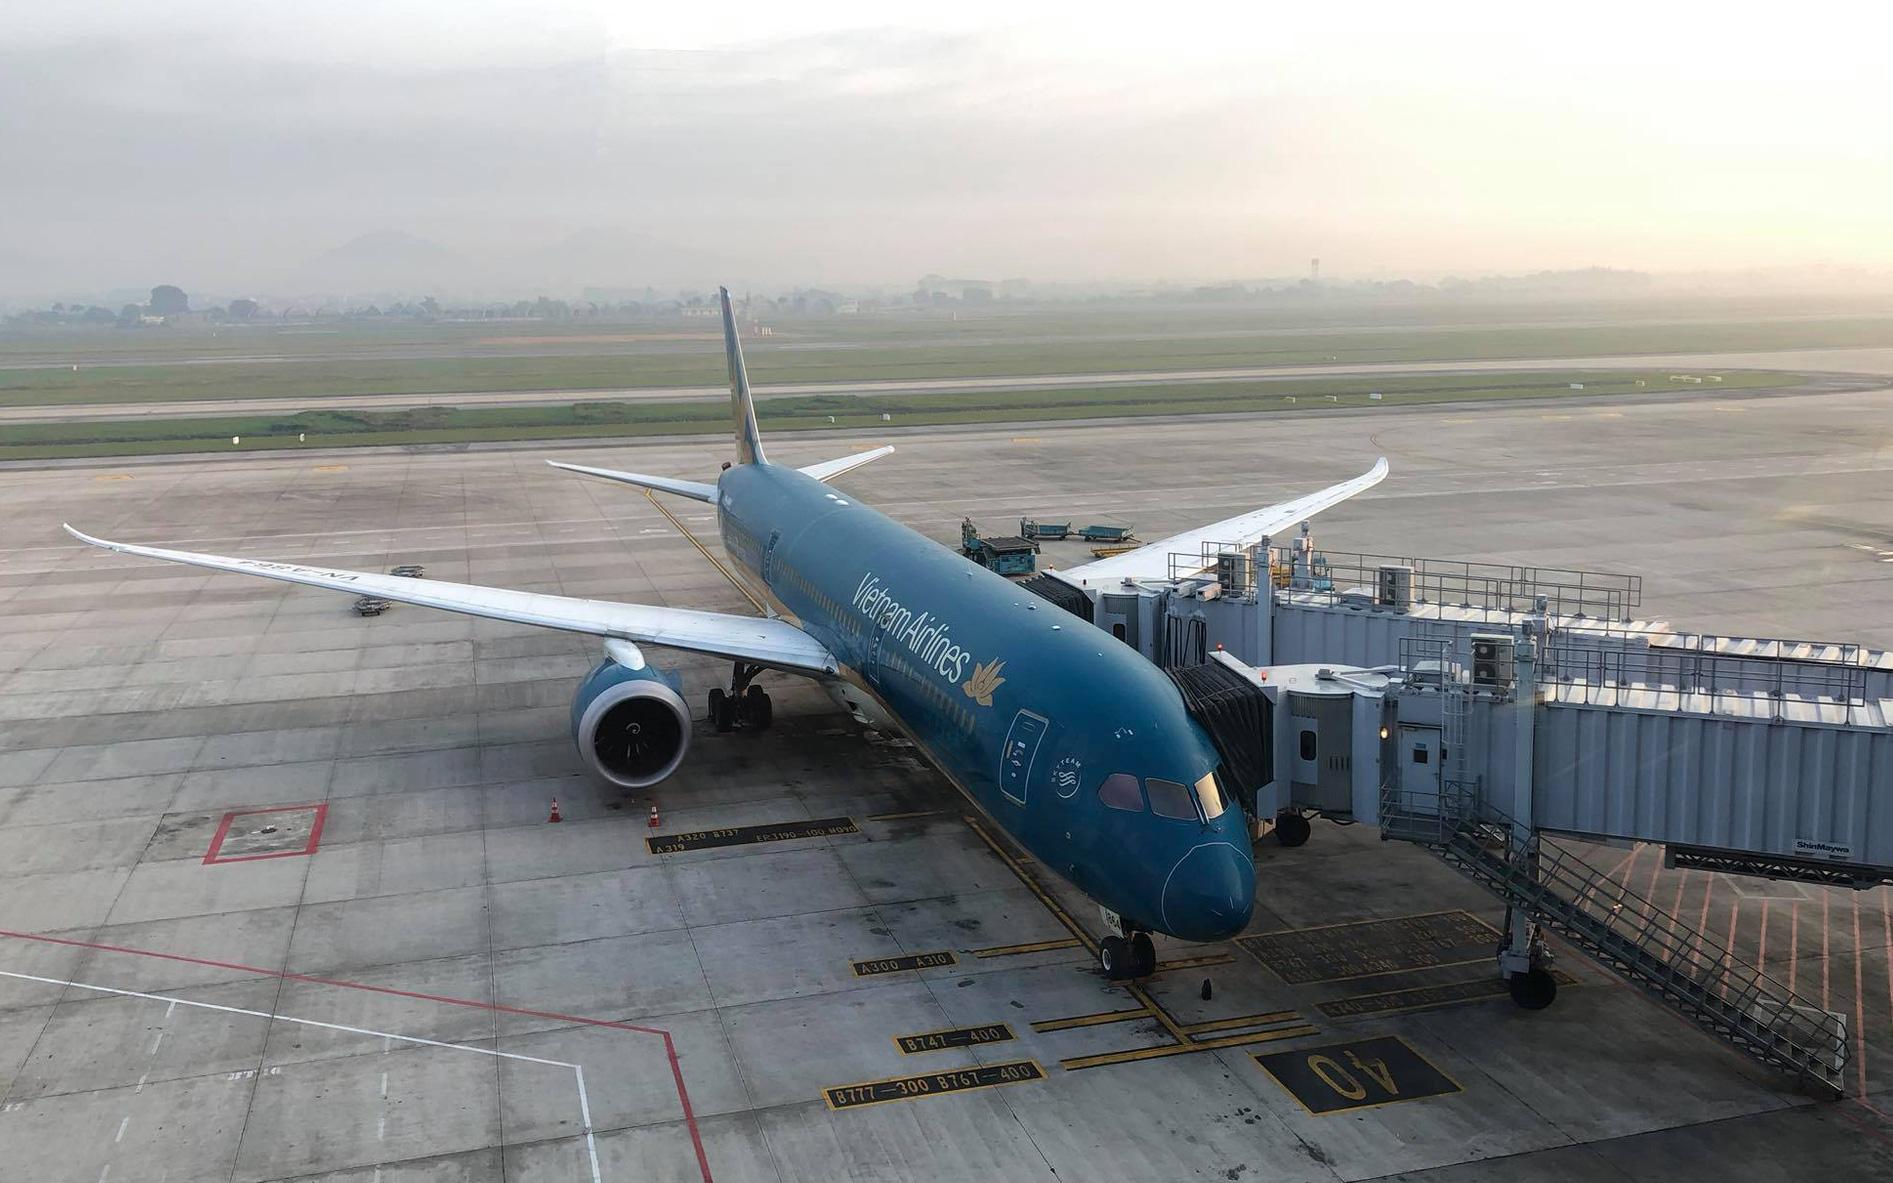 Từ 30/3 đến hết 15/4: Các hãng hàng không chỉ được bay 1 chuyến khứ hồi Hà Nội-TP.HCM mỗi ngày